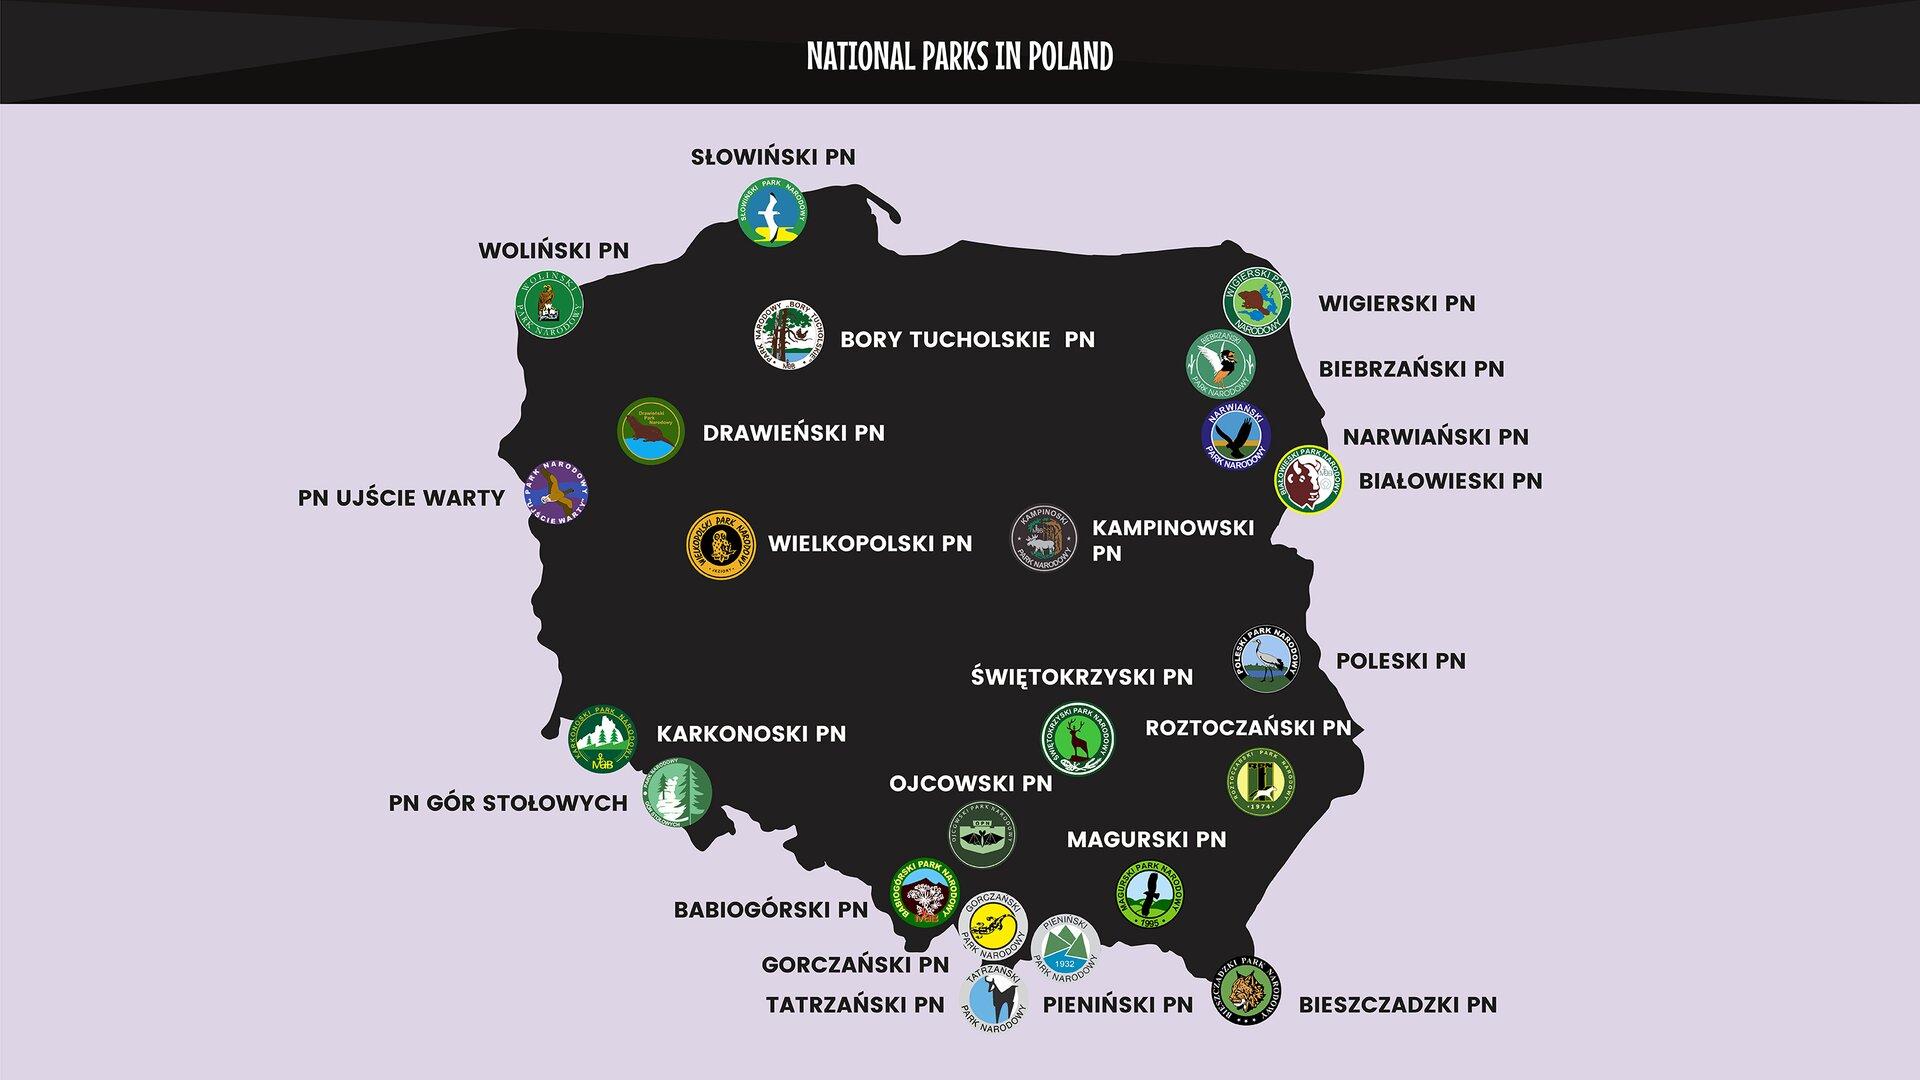 The graphics show amap of Poland with the logos of the country's national parks. Grafika przedstawia mapę Polski znaniesionymi logotypami wszystkich parków narodowych.